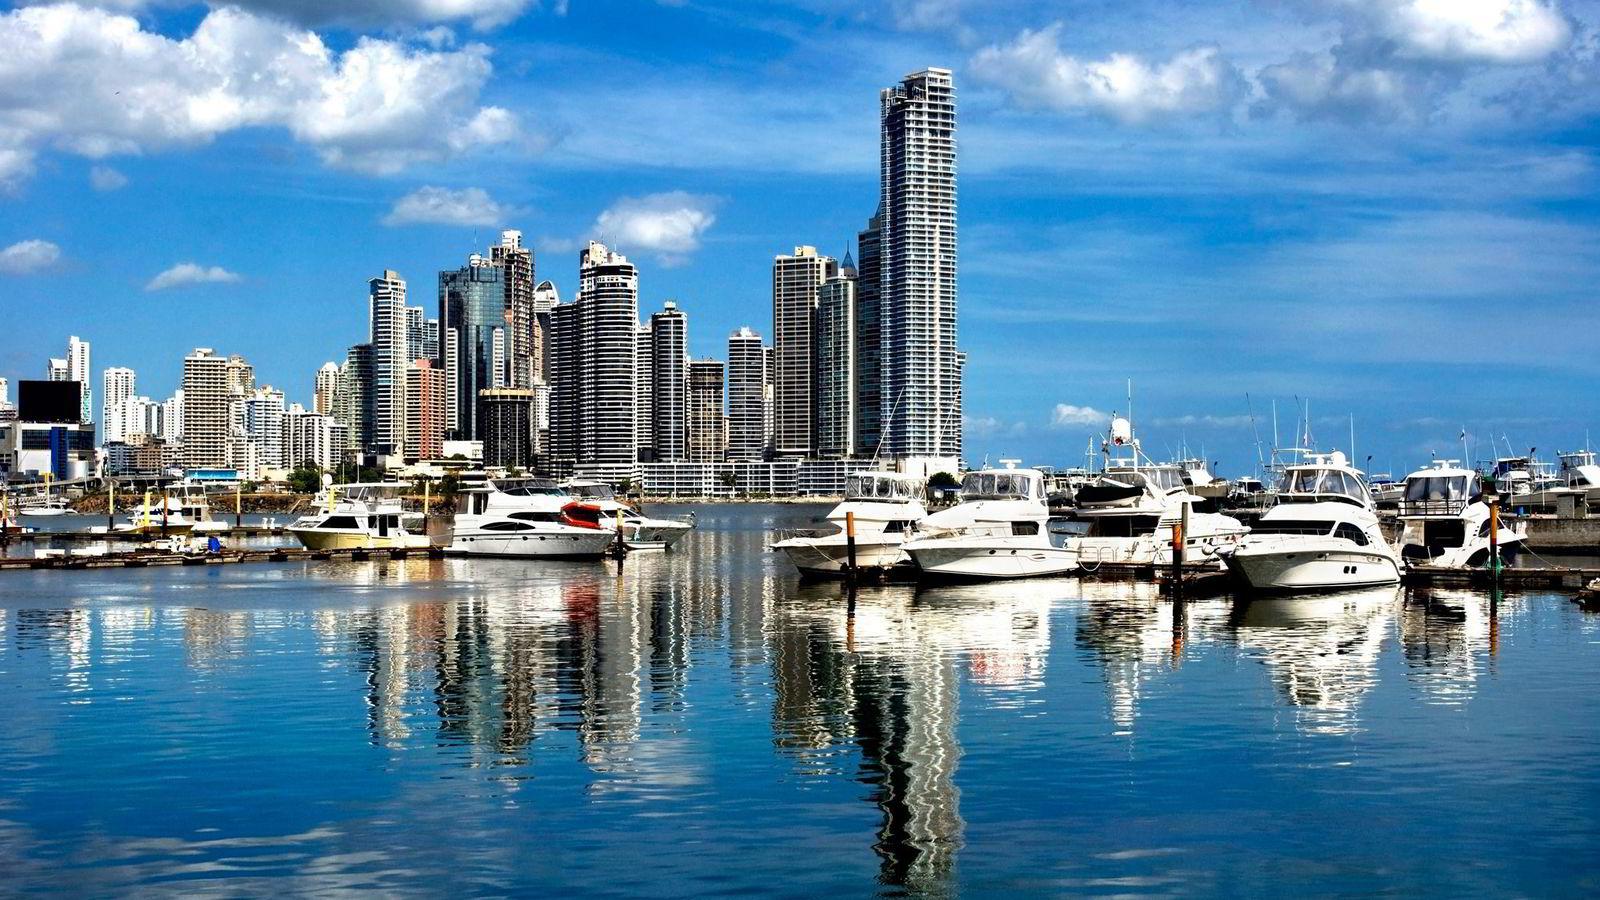 Panama var for eksempel på listen over samarbeidsstater frem til bare noen uker før Panama-avsløringene traff avisforsidene. Man kan spekulere i hvorfor de plutselig havnet utenfor den listen.